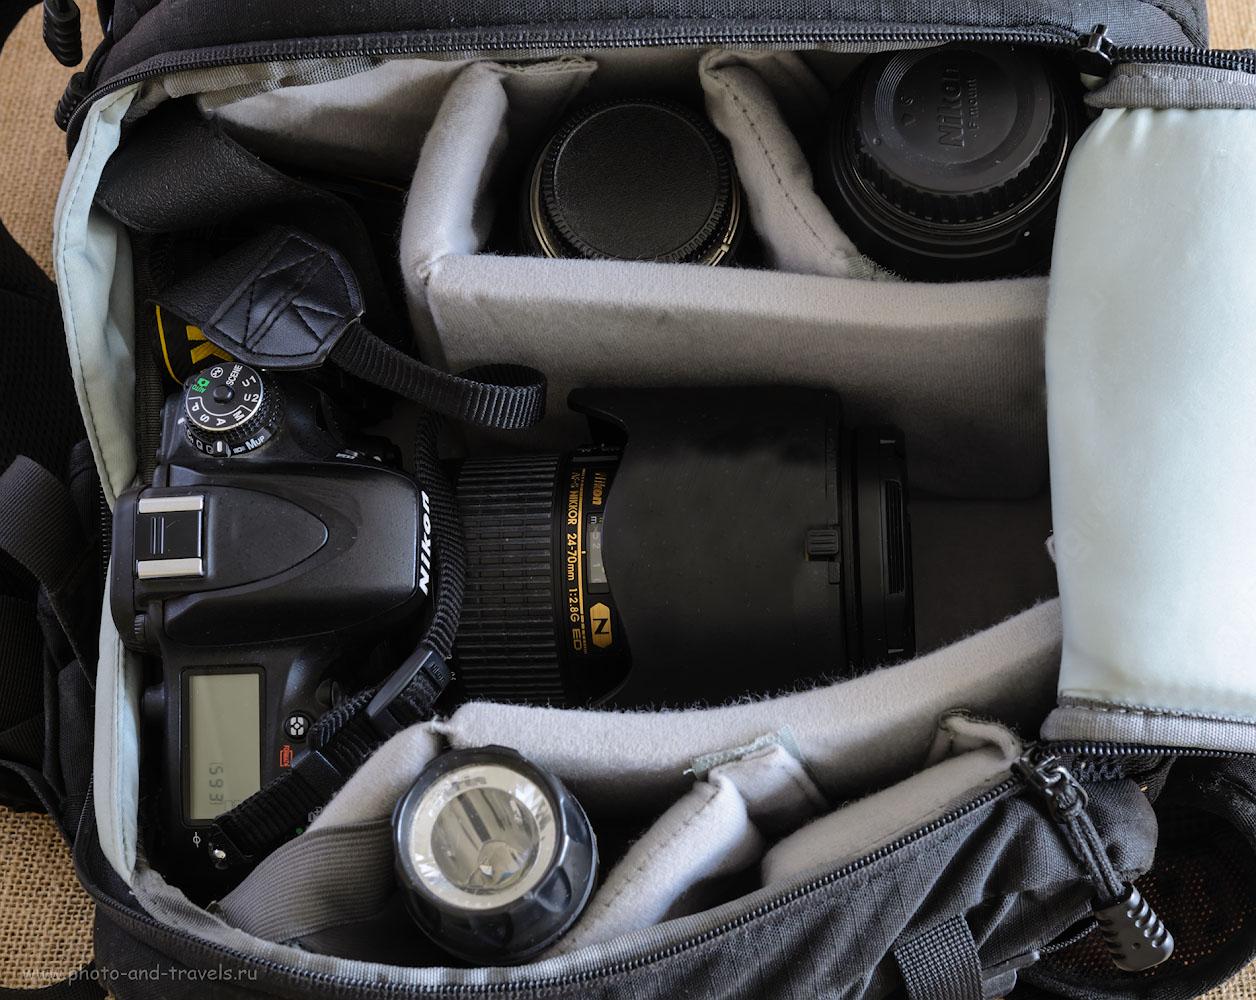 Фото 2. В моём предыдущем рюкзаке было отделение для фотоаппарата и для личных вещей. Спокойно входила тушка Nikon D610 + универсальный зум Nikon 24-70mm f/2.8 + телеобъектив Nikon 70-300mm f/4.5-5.6 + ширик Samyang 14mm f/2.8. Еще место оставалось для небольших фиксов или вспышки.